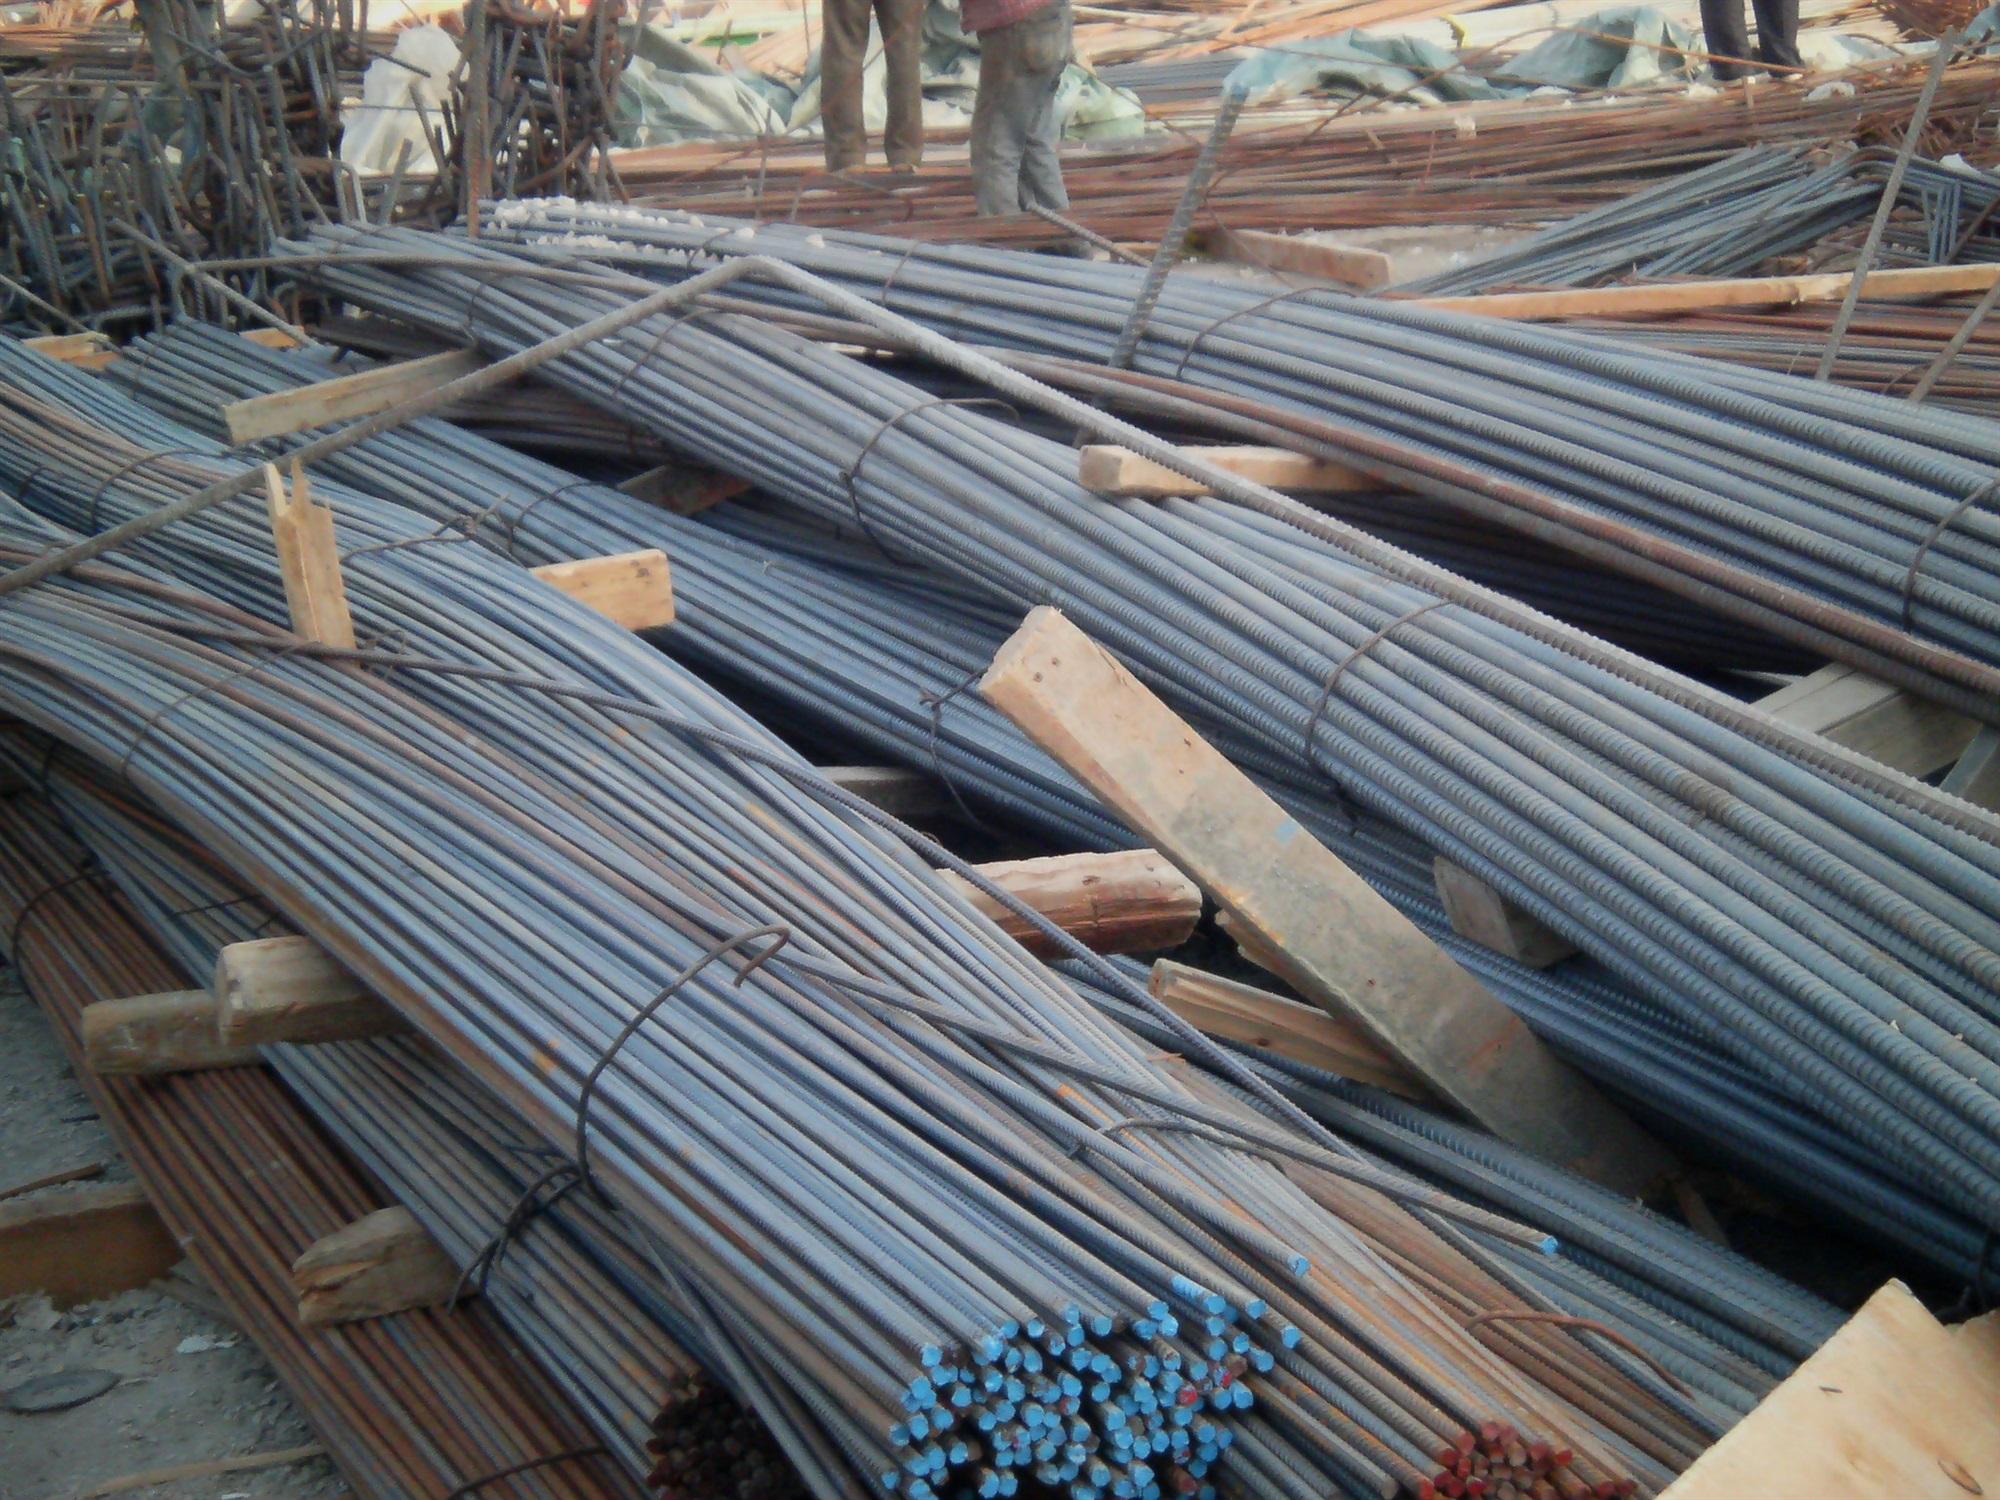 بالأرقام  تراجع أسعار الحديد في مصر.. وحنفي يكشف الأسباب 2